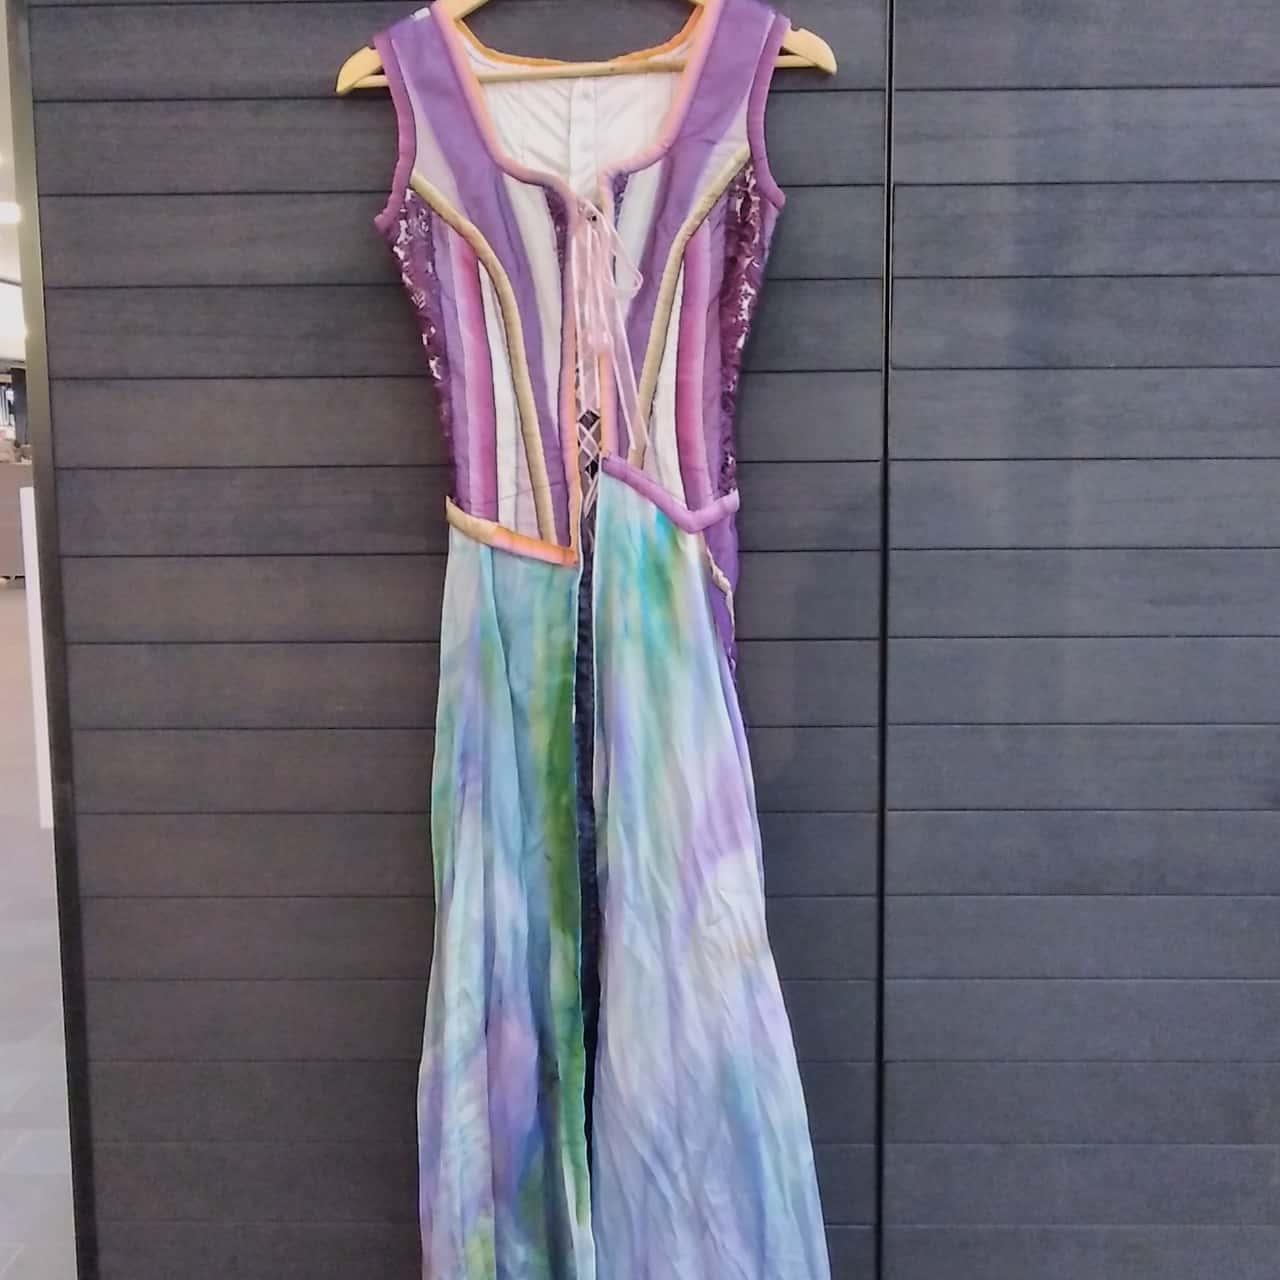 Ladies Handmade Multi-coloured Fantasy Maxi Dress S/P